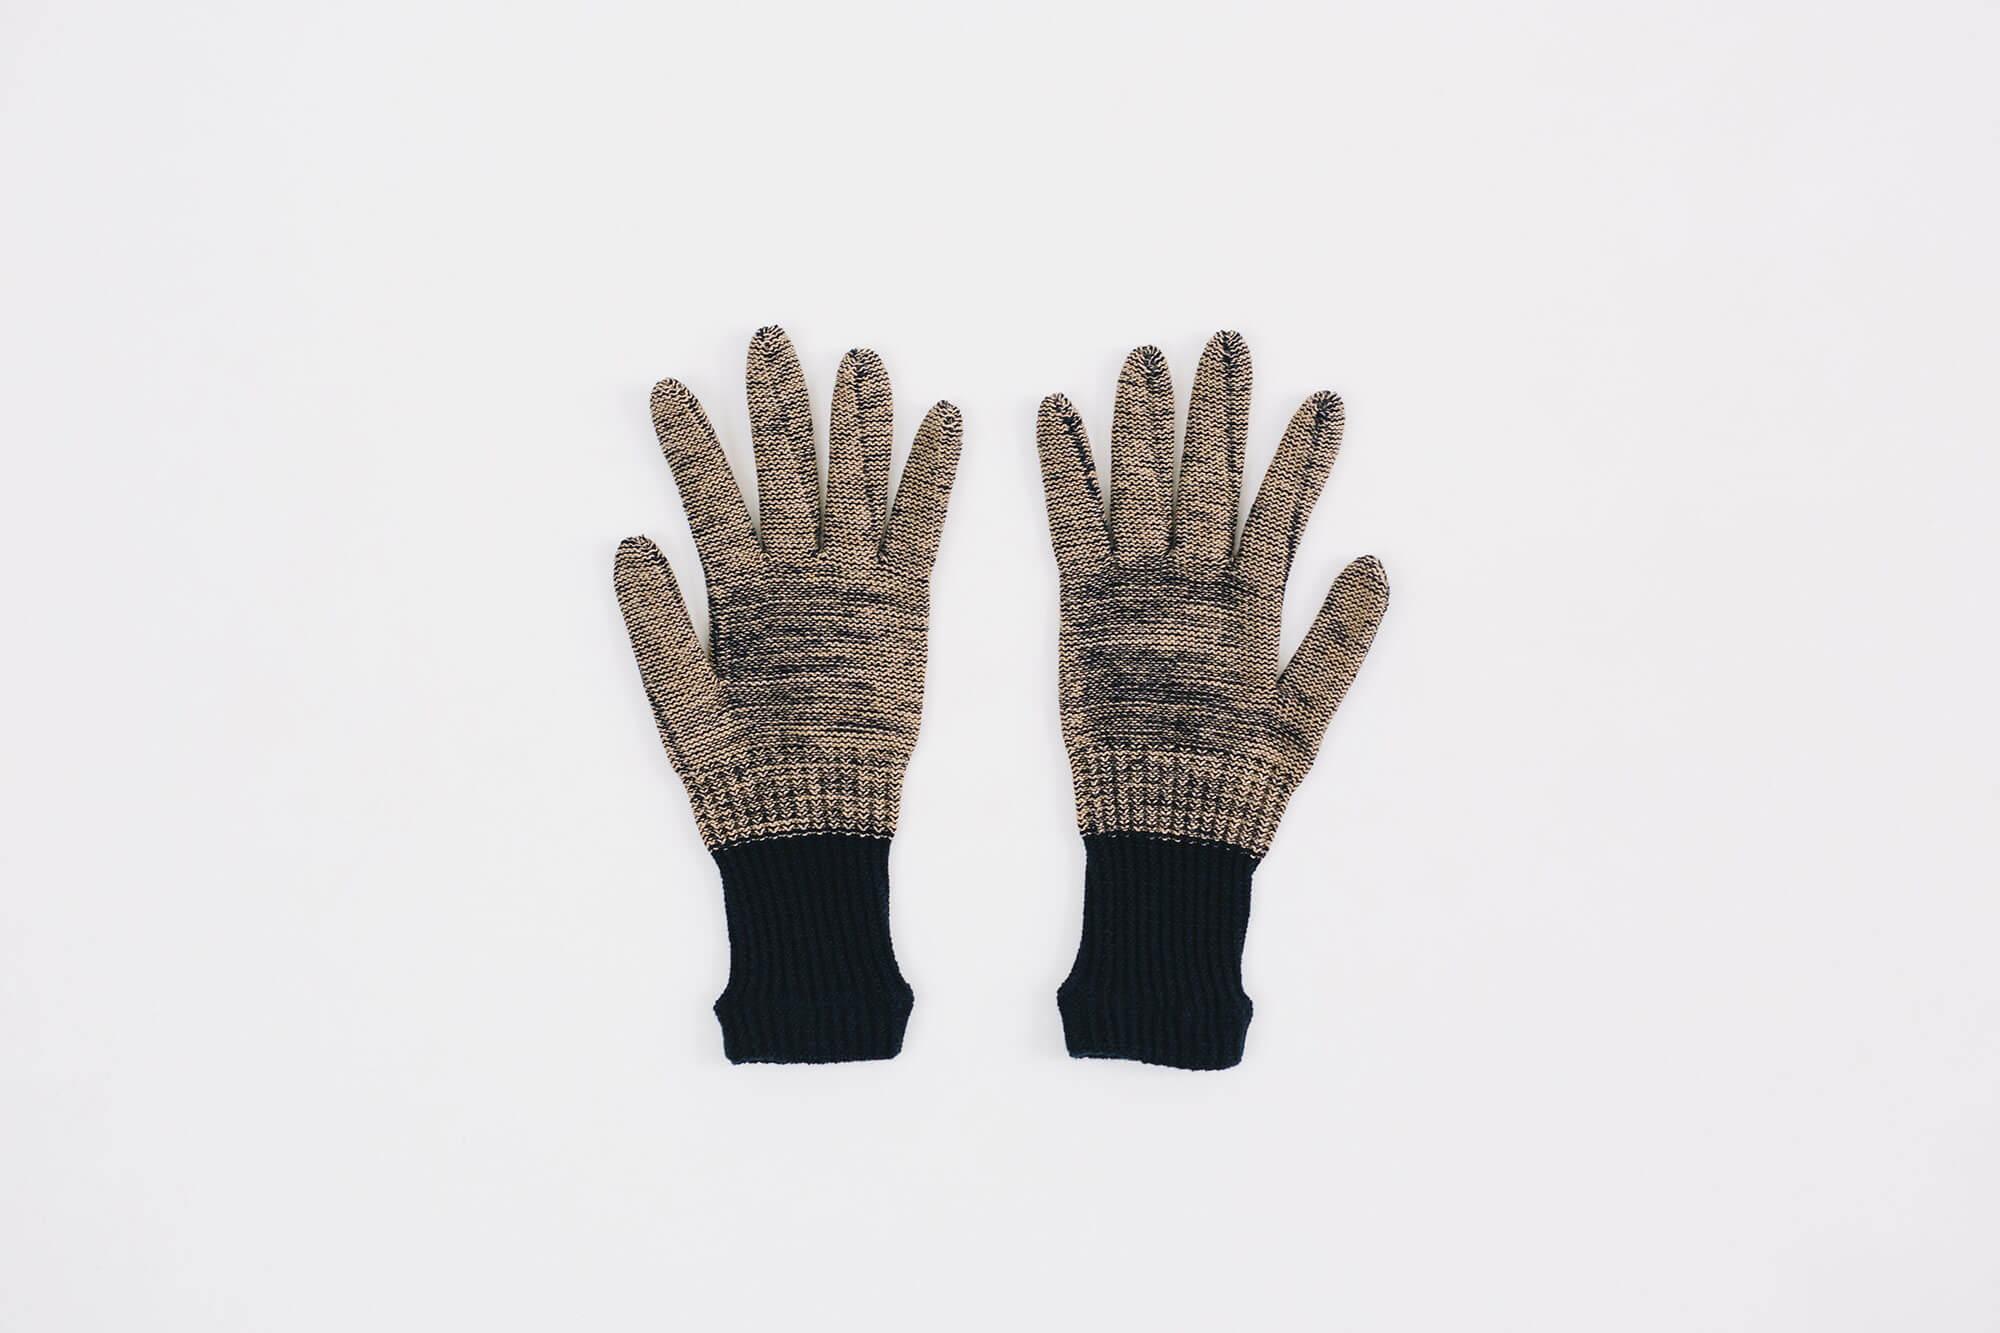 Glück und Gute オーガニックコットンとウールの手袋 For Women